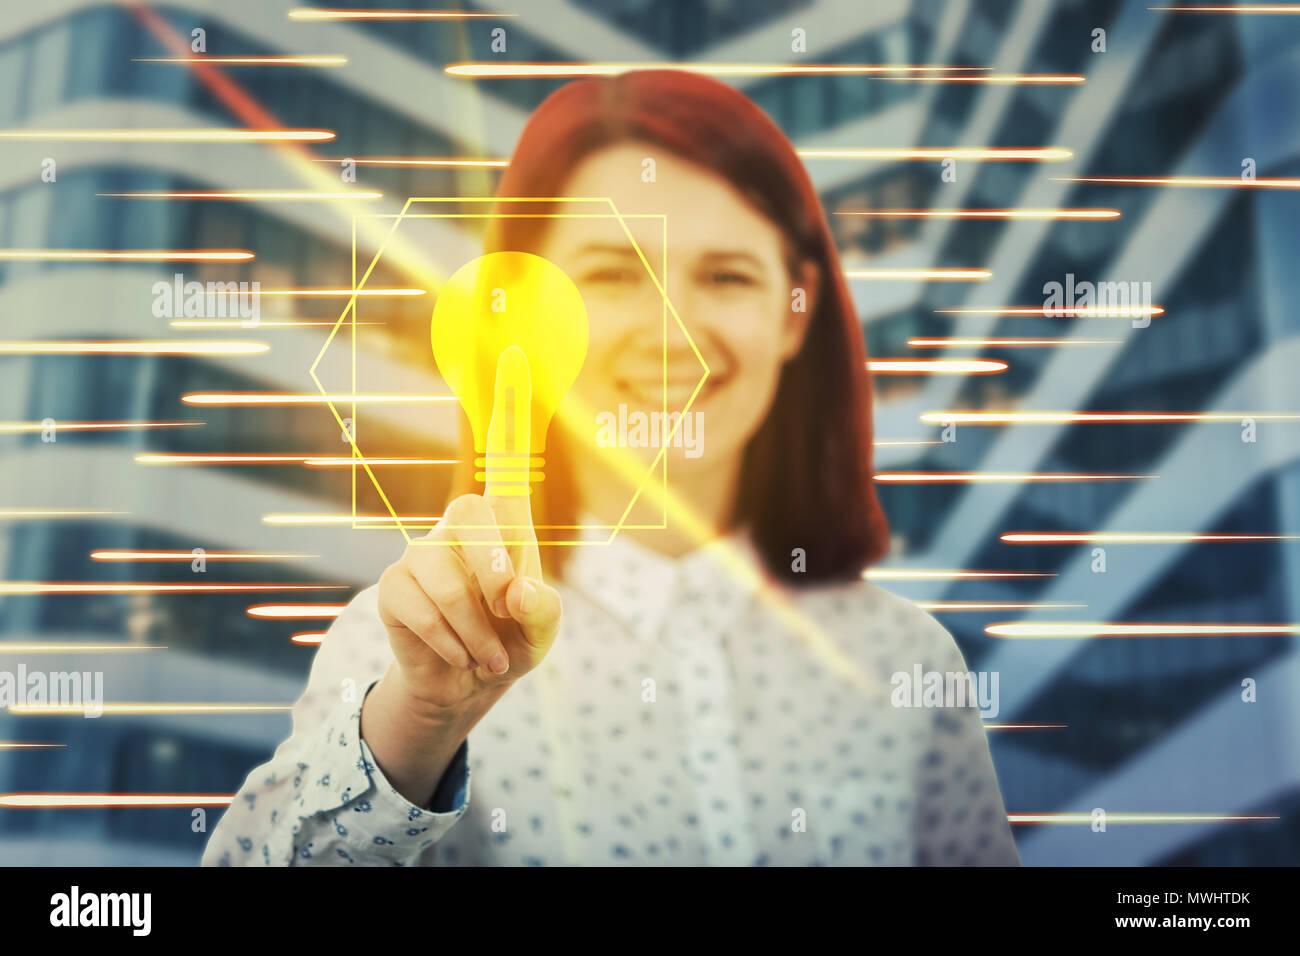 Donna sorridente toccando lo schermo digitale interfaccia con le sue dita. Premere una luce dorata lampadina. Creatività e idea concetto nella moderna virtual technolo Immagini Stock